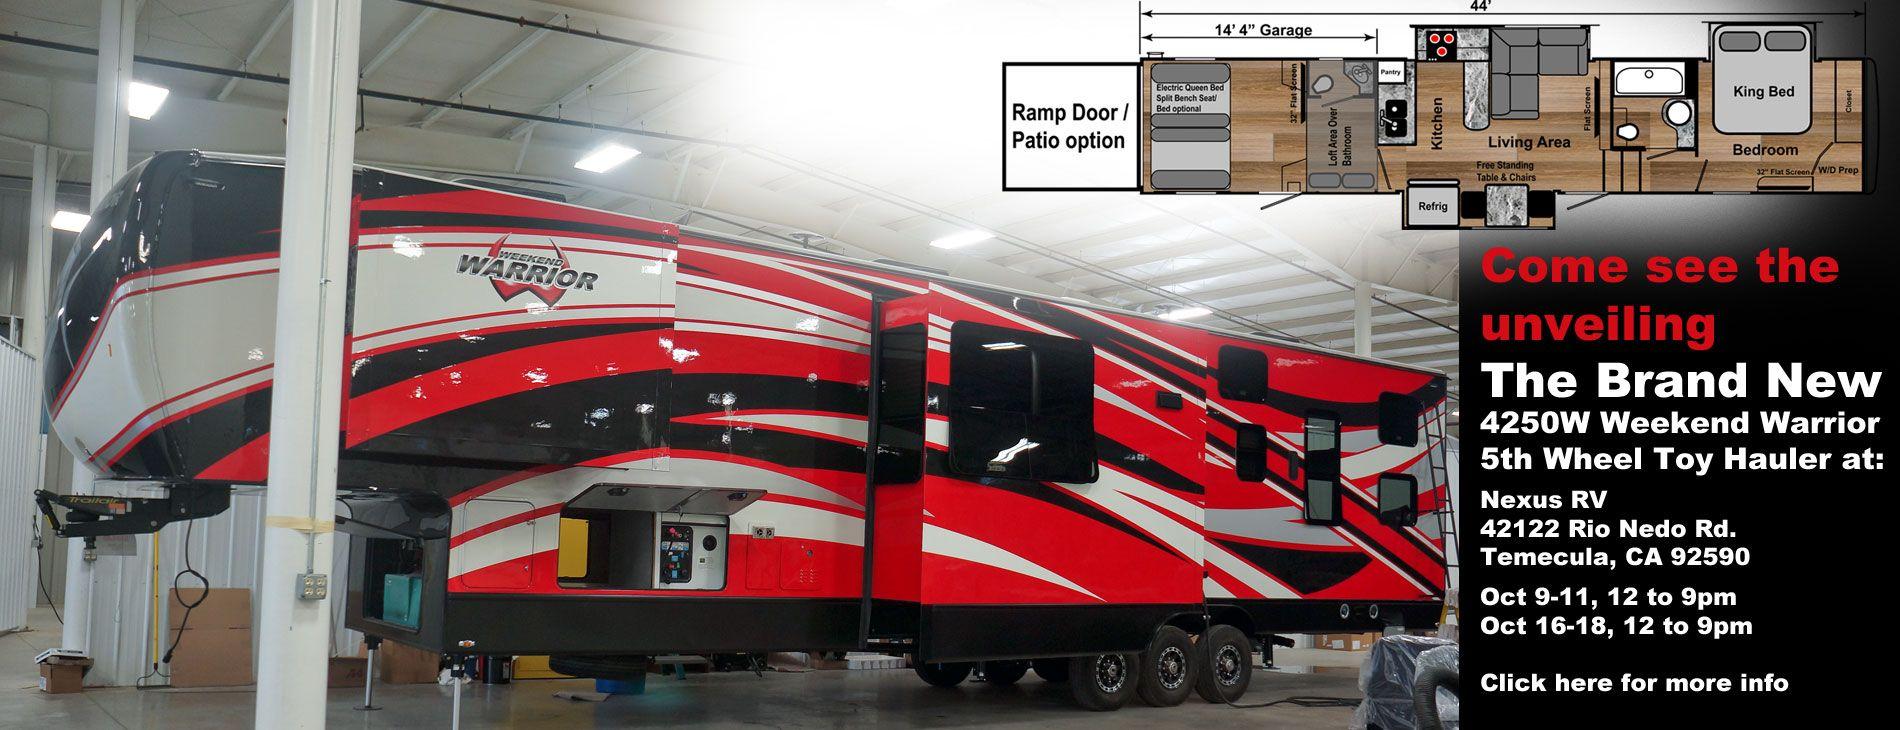 new 4250W weekend warrior Pomona RV show california